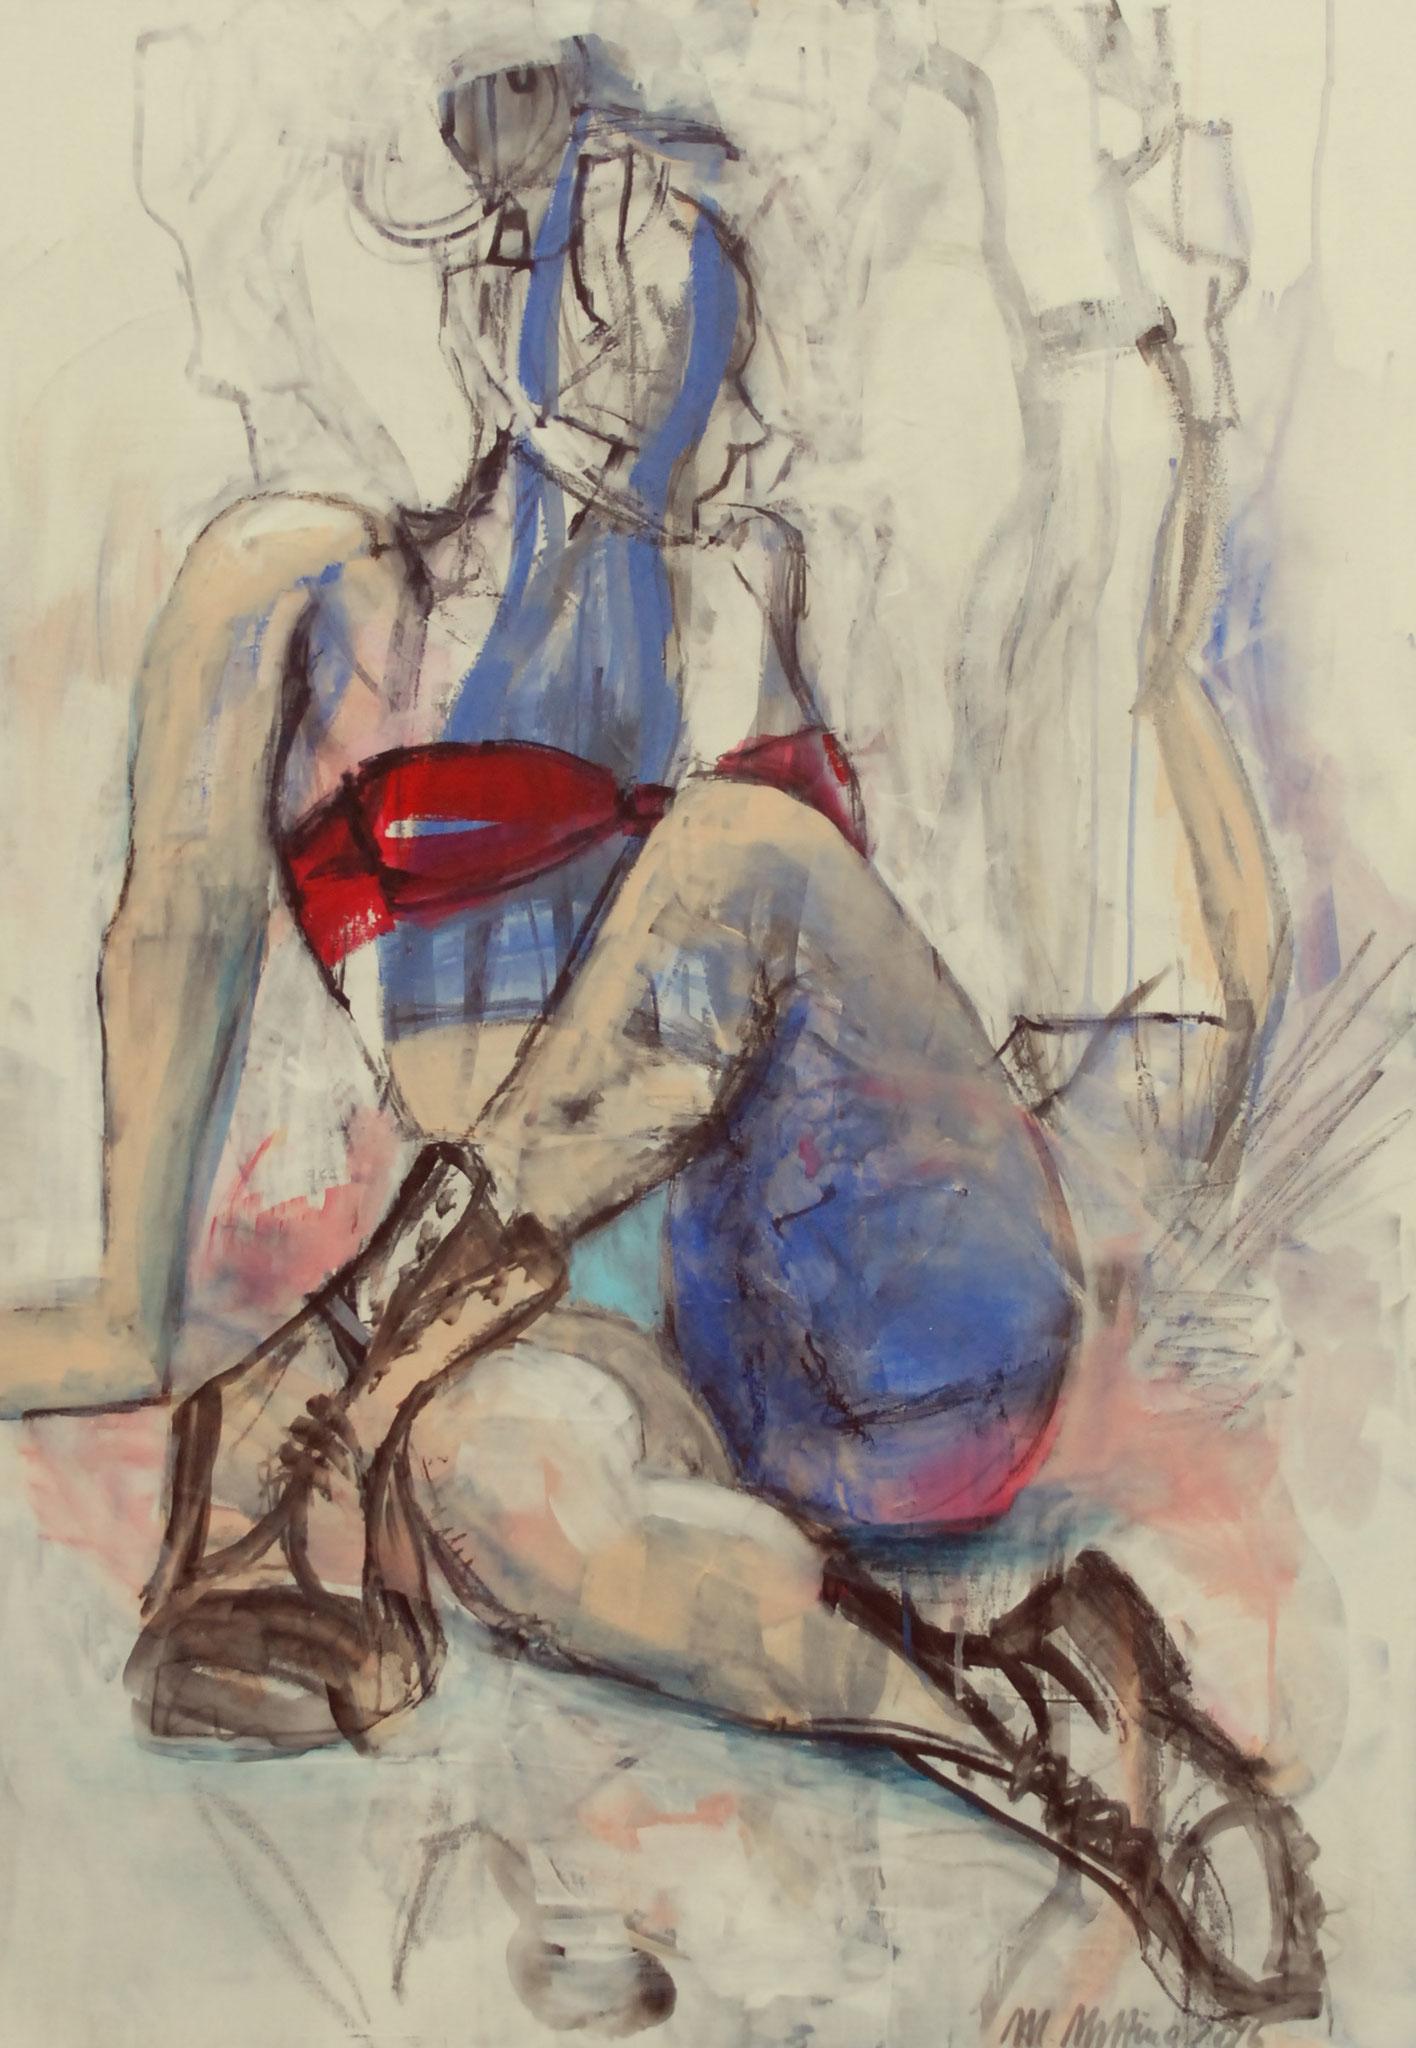 Der rote BH, Acryl, Edding und Graphit auf Leinwand, 100cm x 70cm